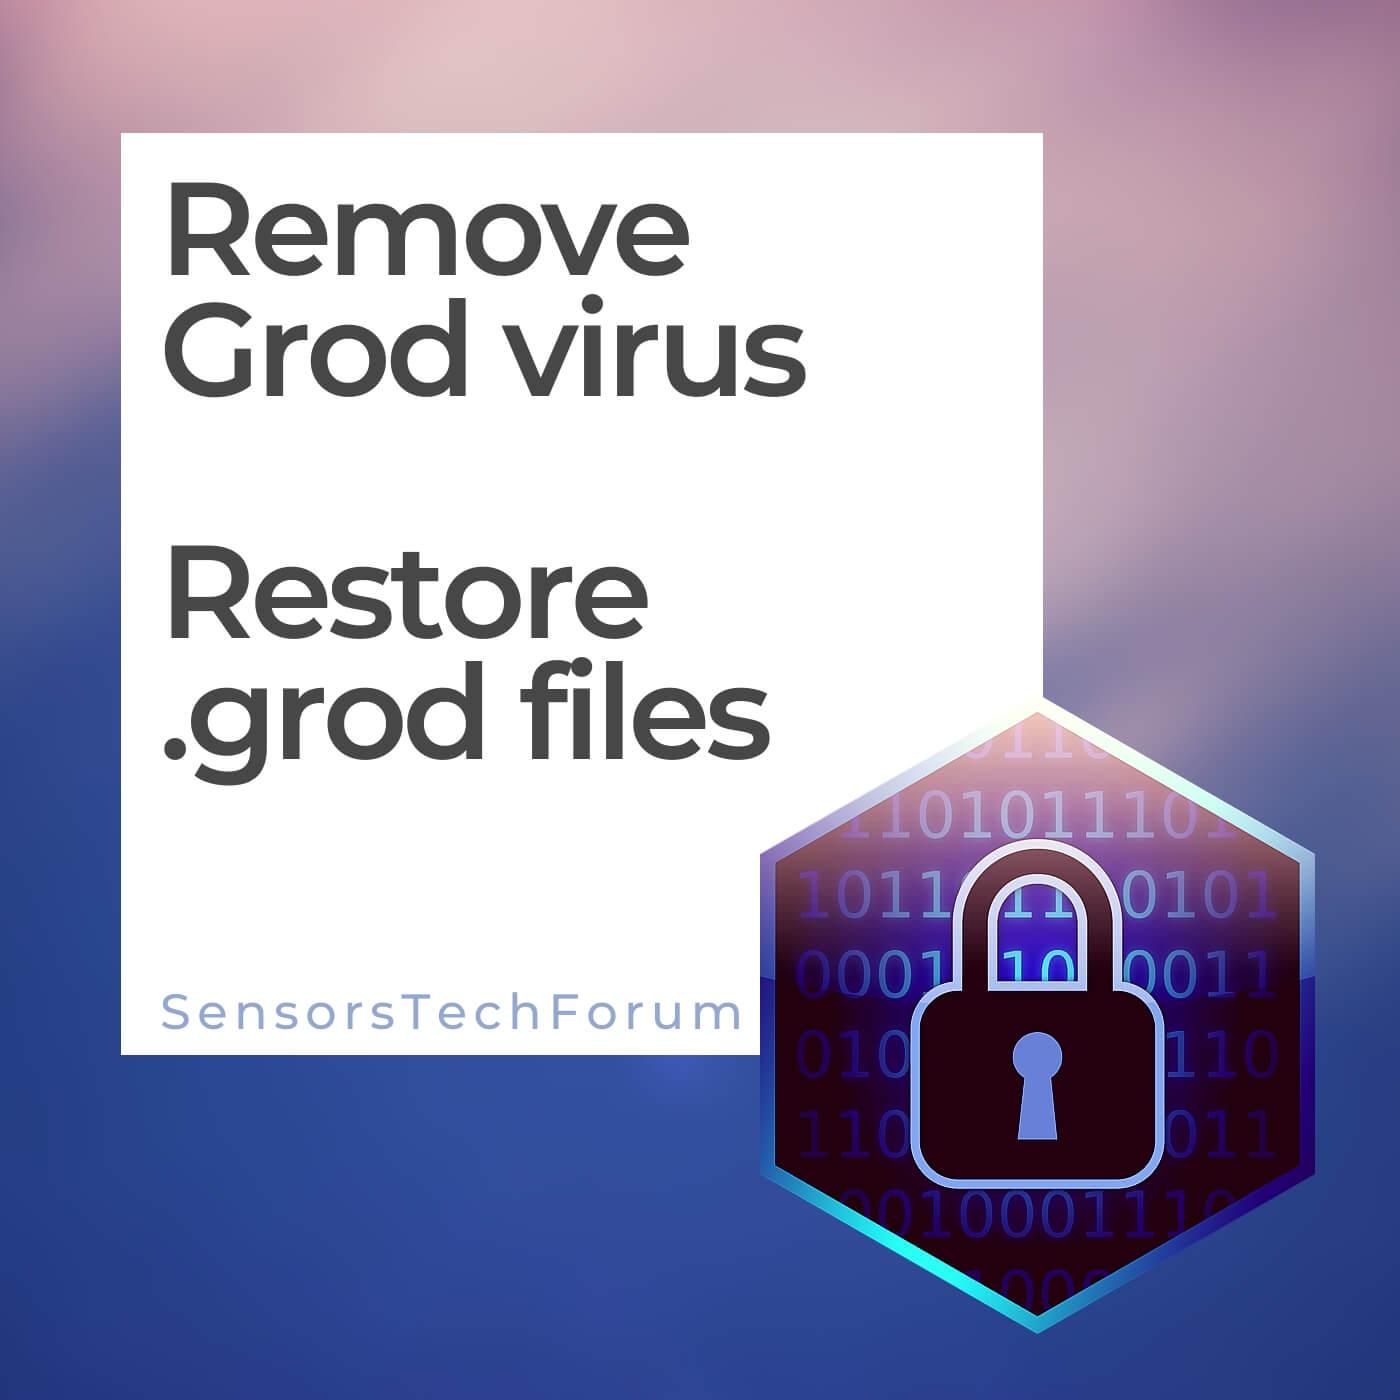 verwijderen grod ransomware virus herstellen .grod bestanden sensorstechforum